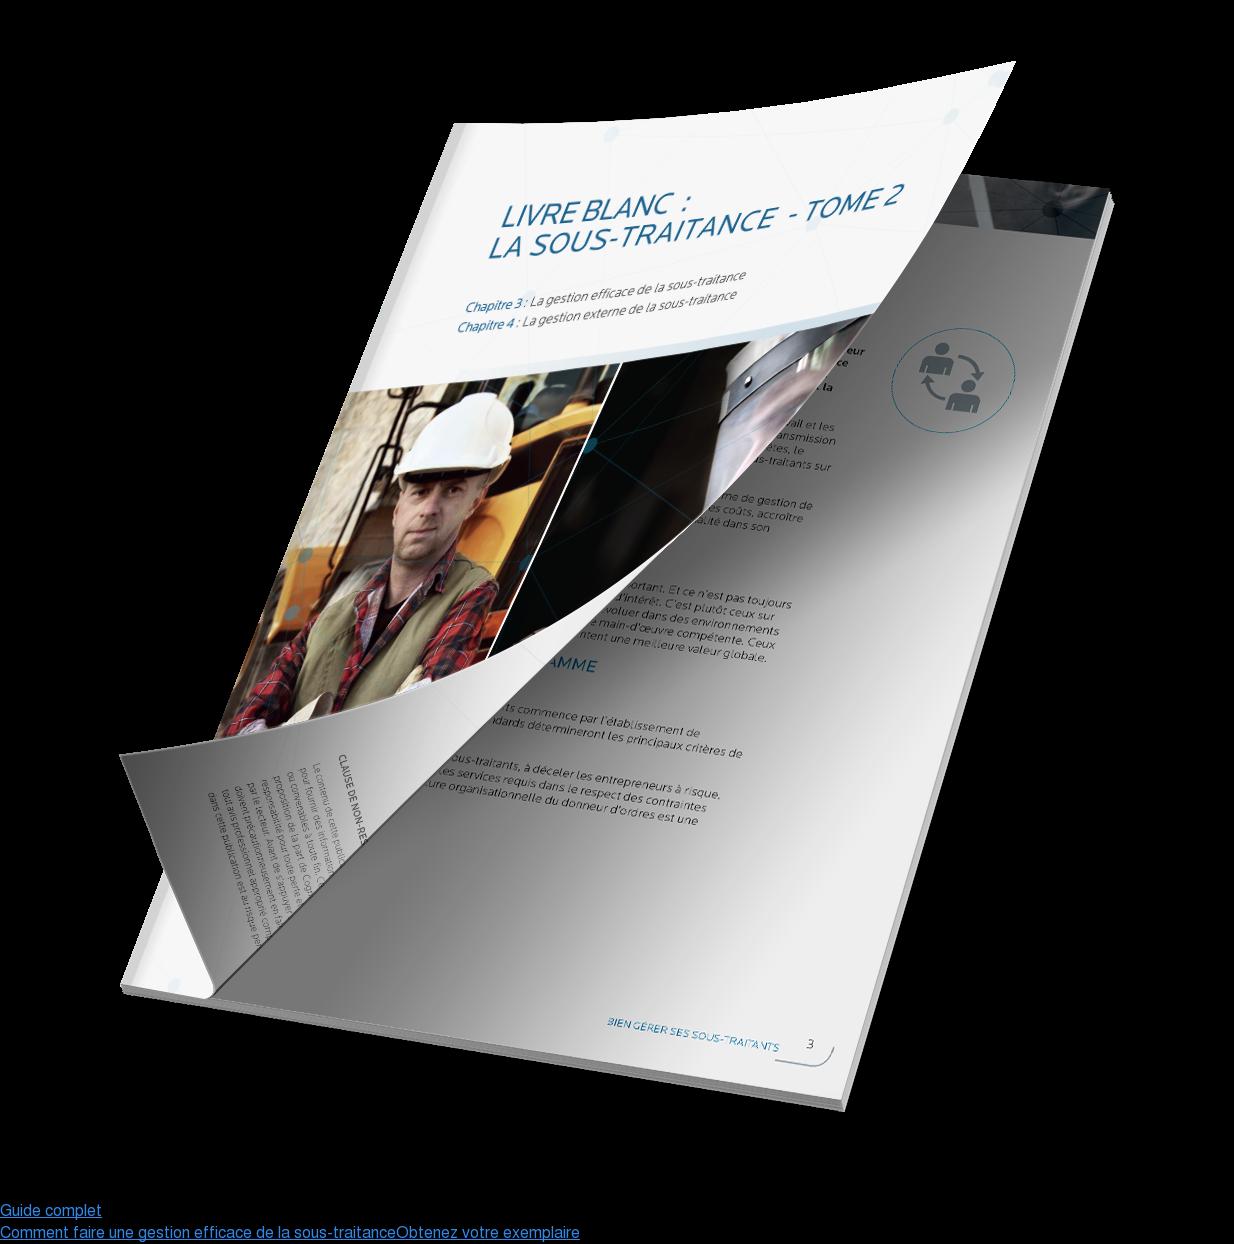 Guide complet  Comment faire une gestion efficace de la sous-traitance Obtenez votre exemplaire <>